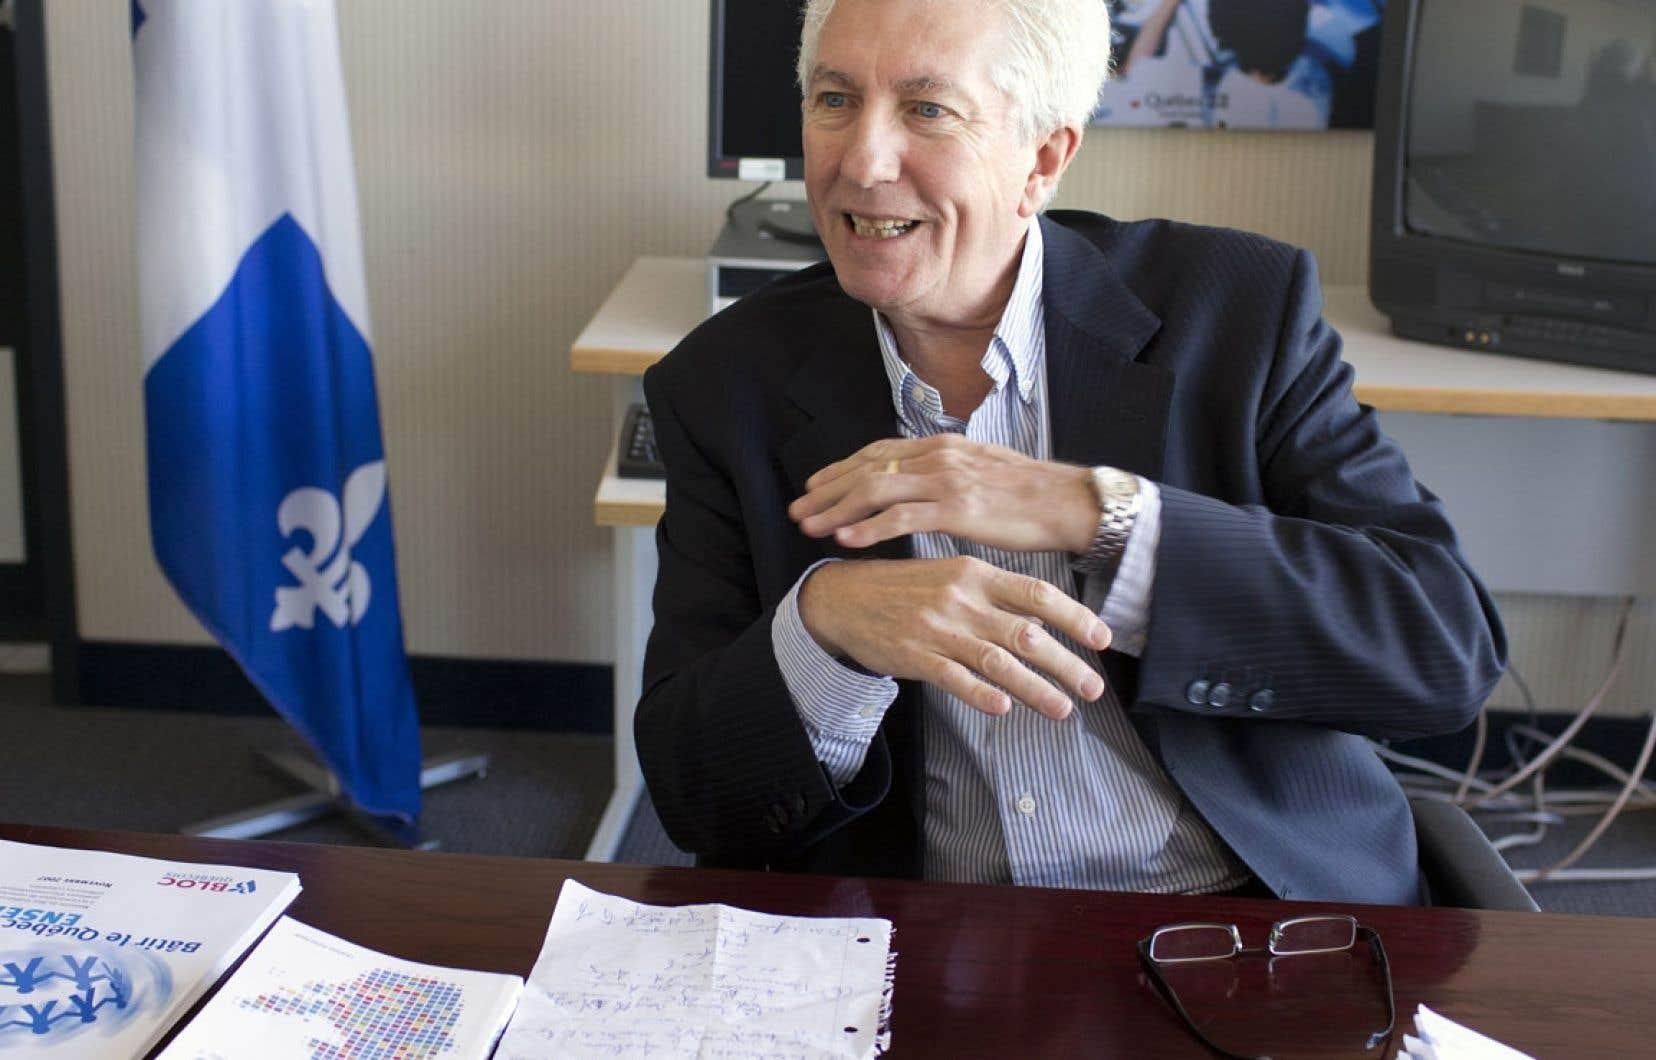 Gilles Duceppe affirme ne pas lancer d'attaque frontale contre le PQ et revendique le droit de s'exprimer.